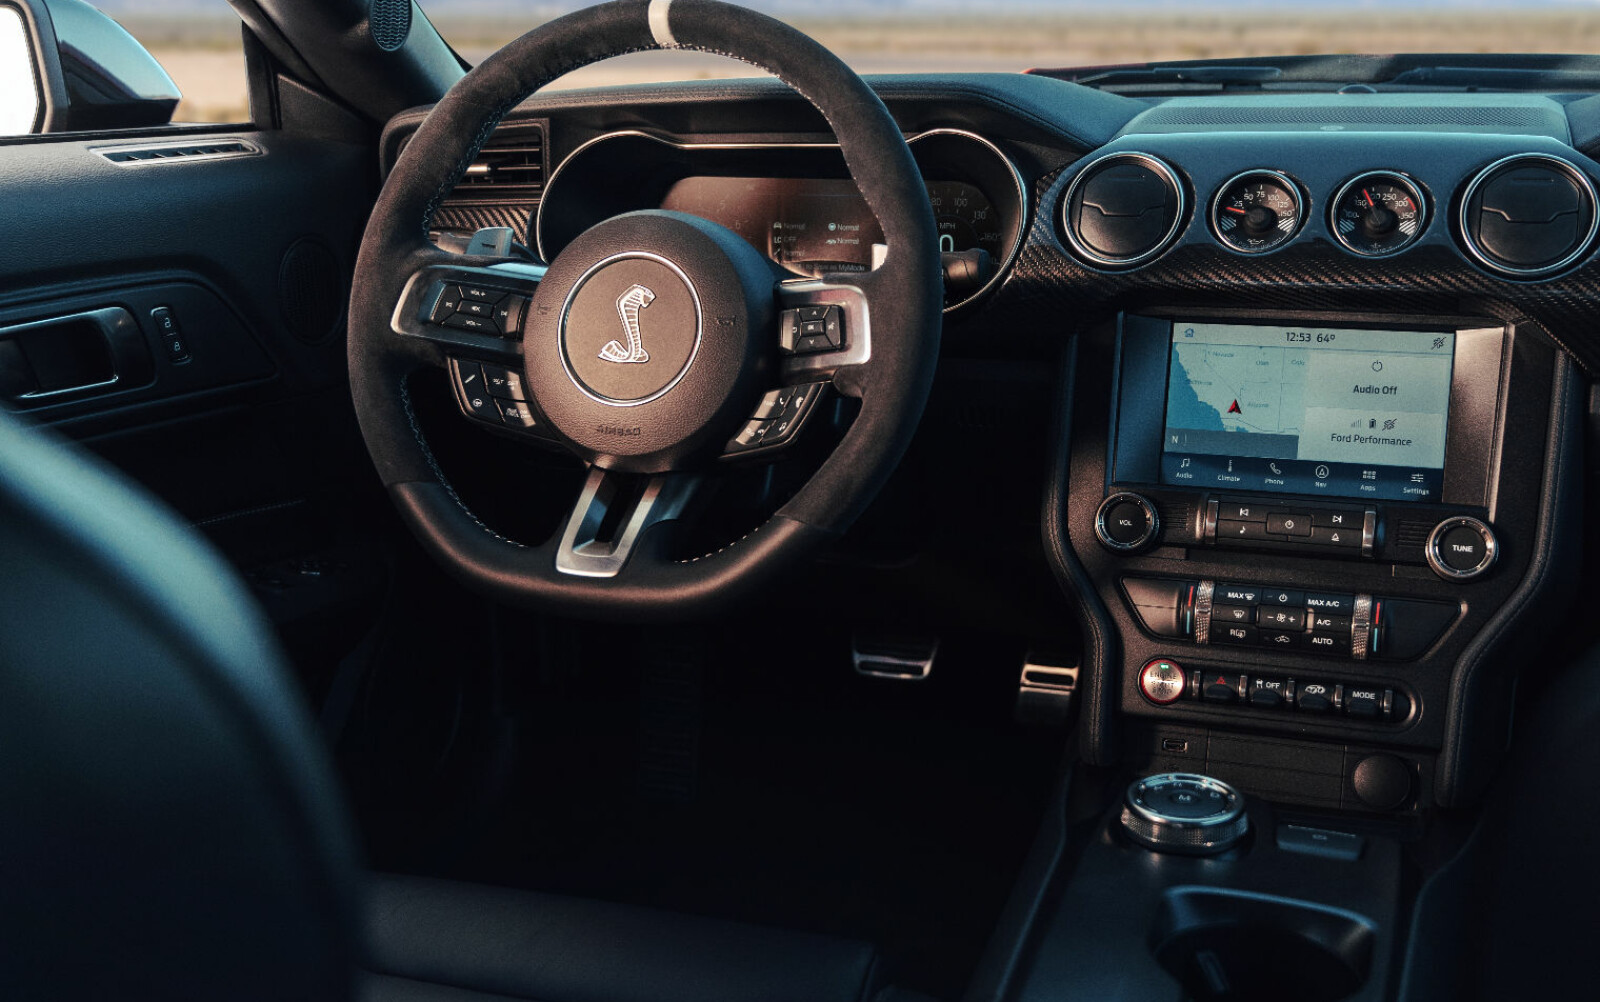 COCKPIT: Kobra-ikonet på rattet forteller at dette er en Shelby.